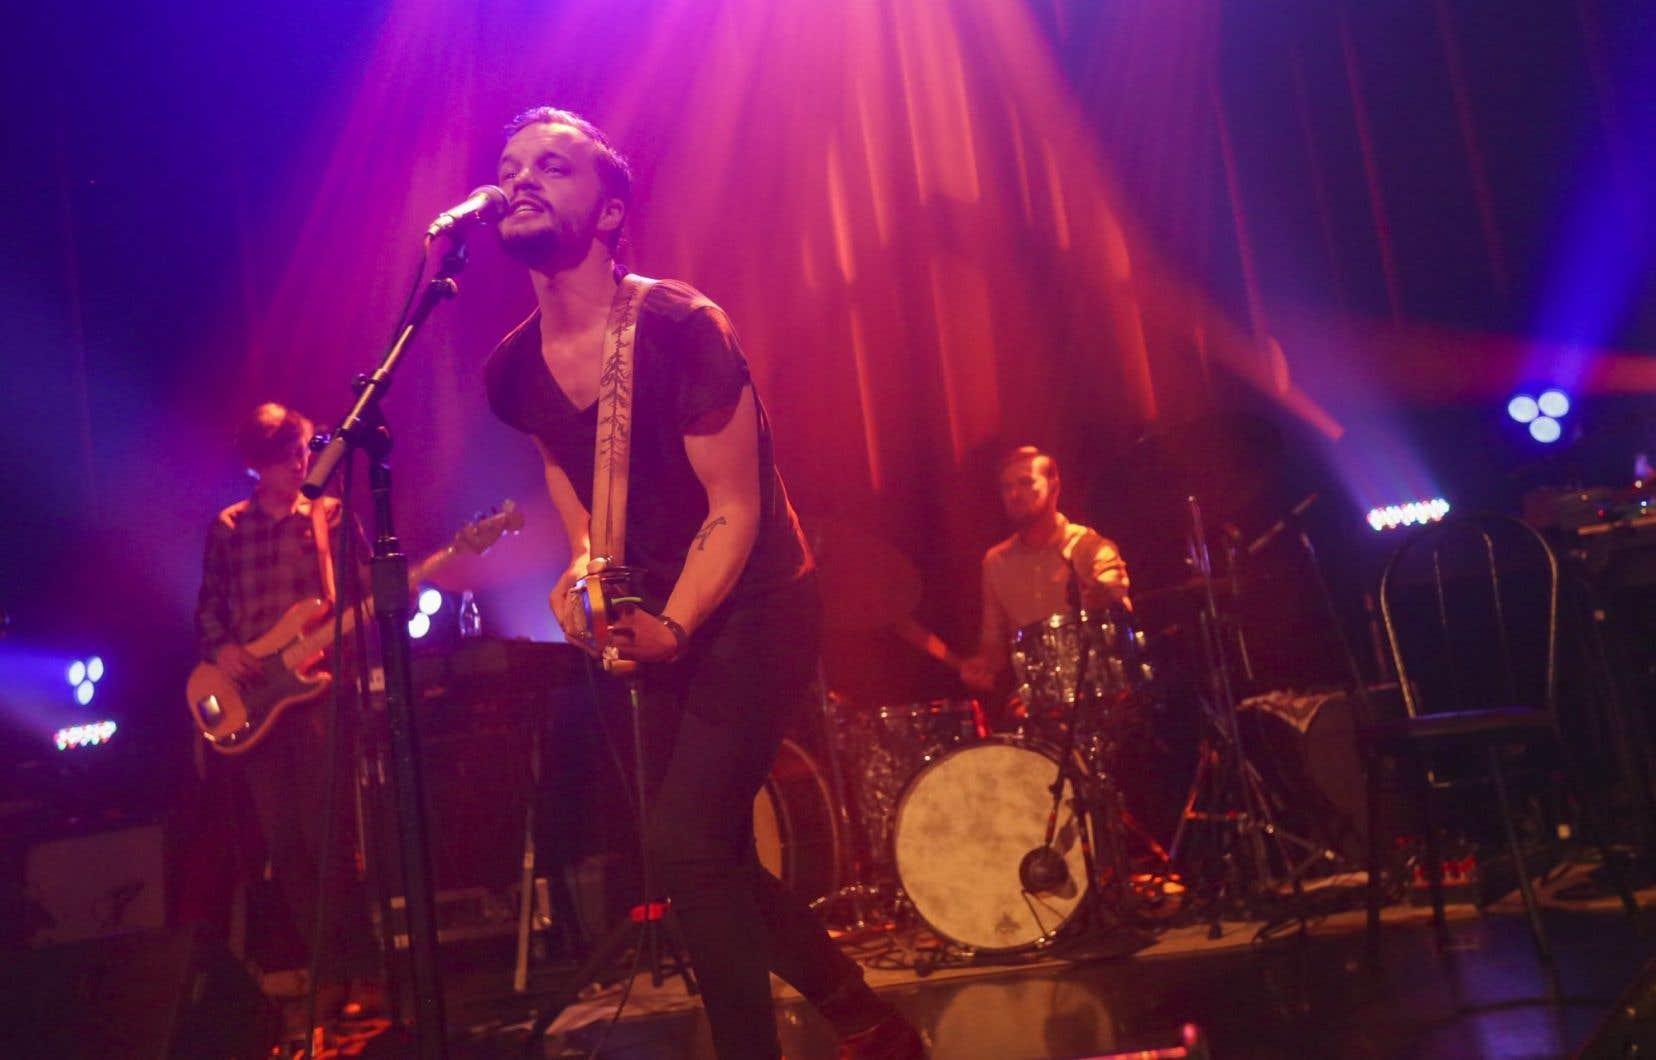 Le chanteur suédois Jens Kristian Matsson, alias The Tallest Man on Earth